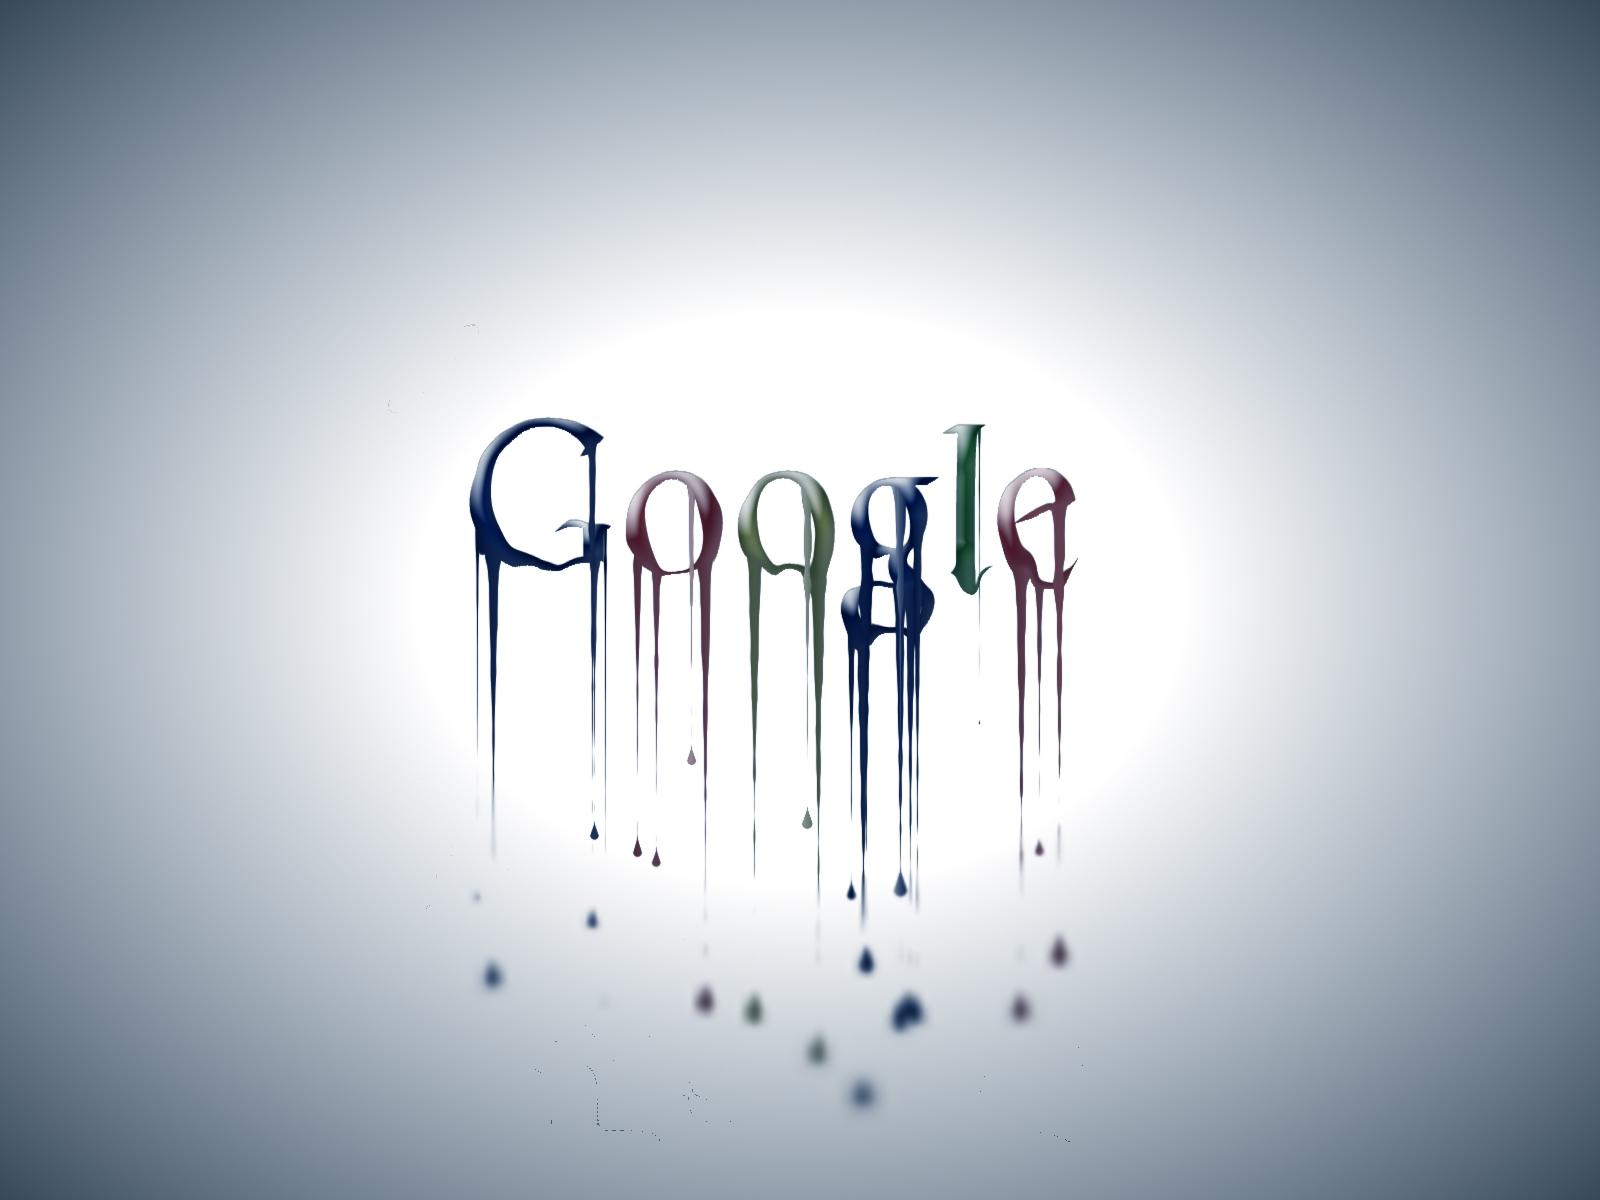 Google Comp Wallpaper - WallpaperSafari